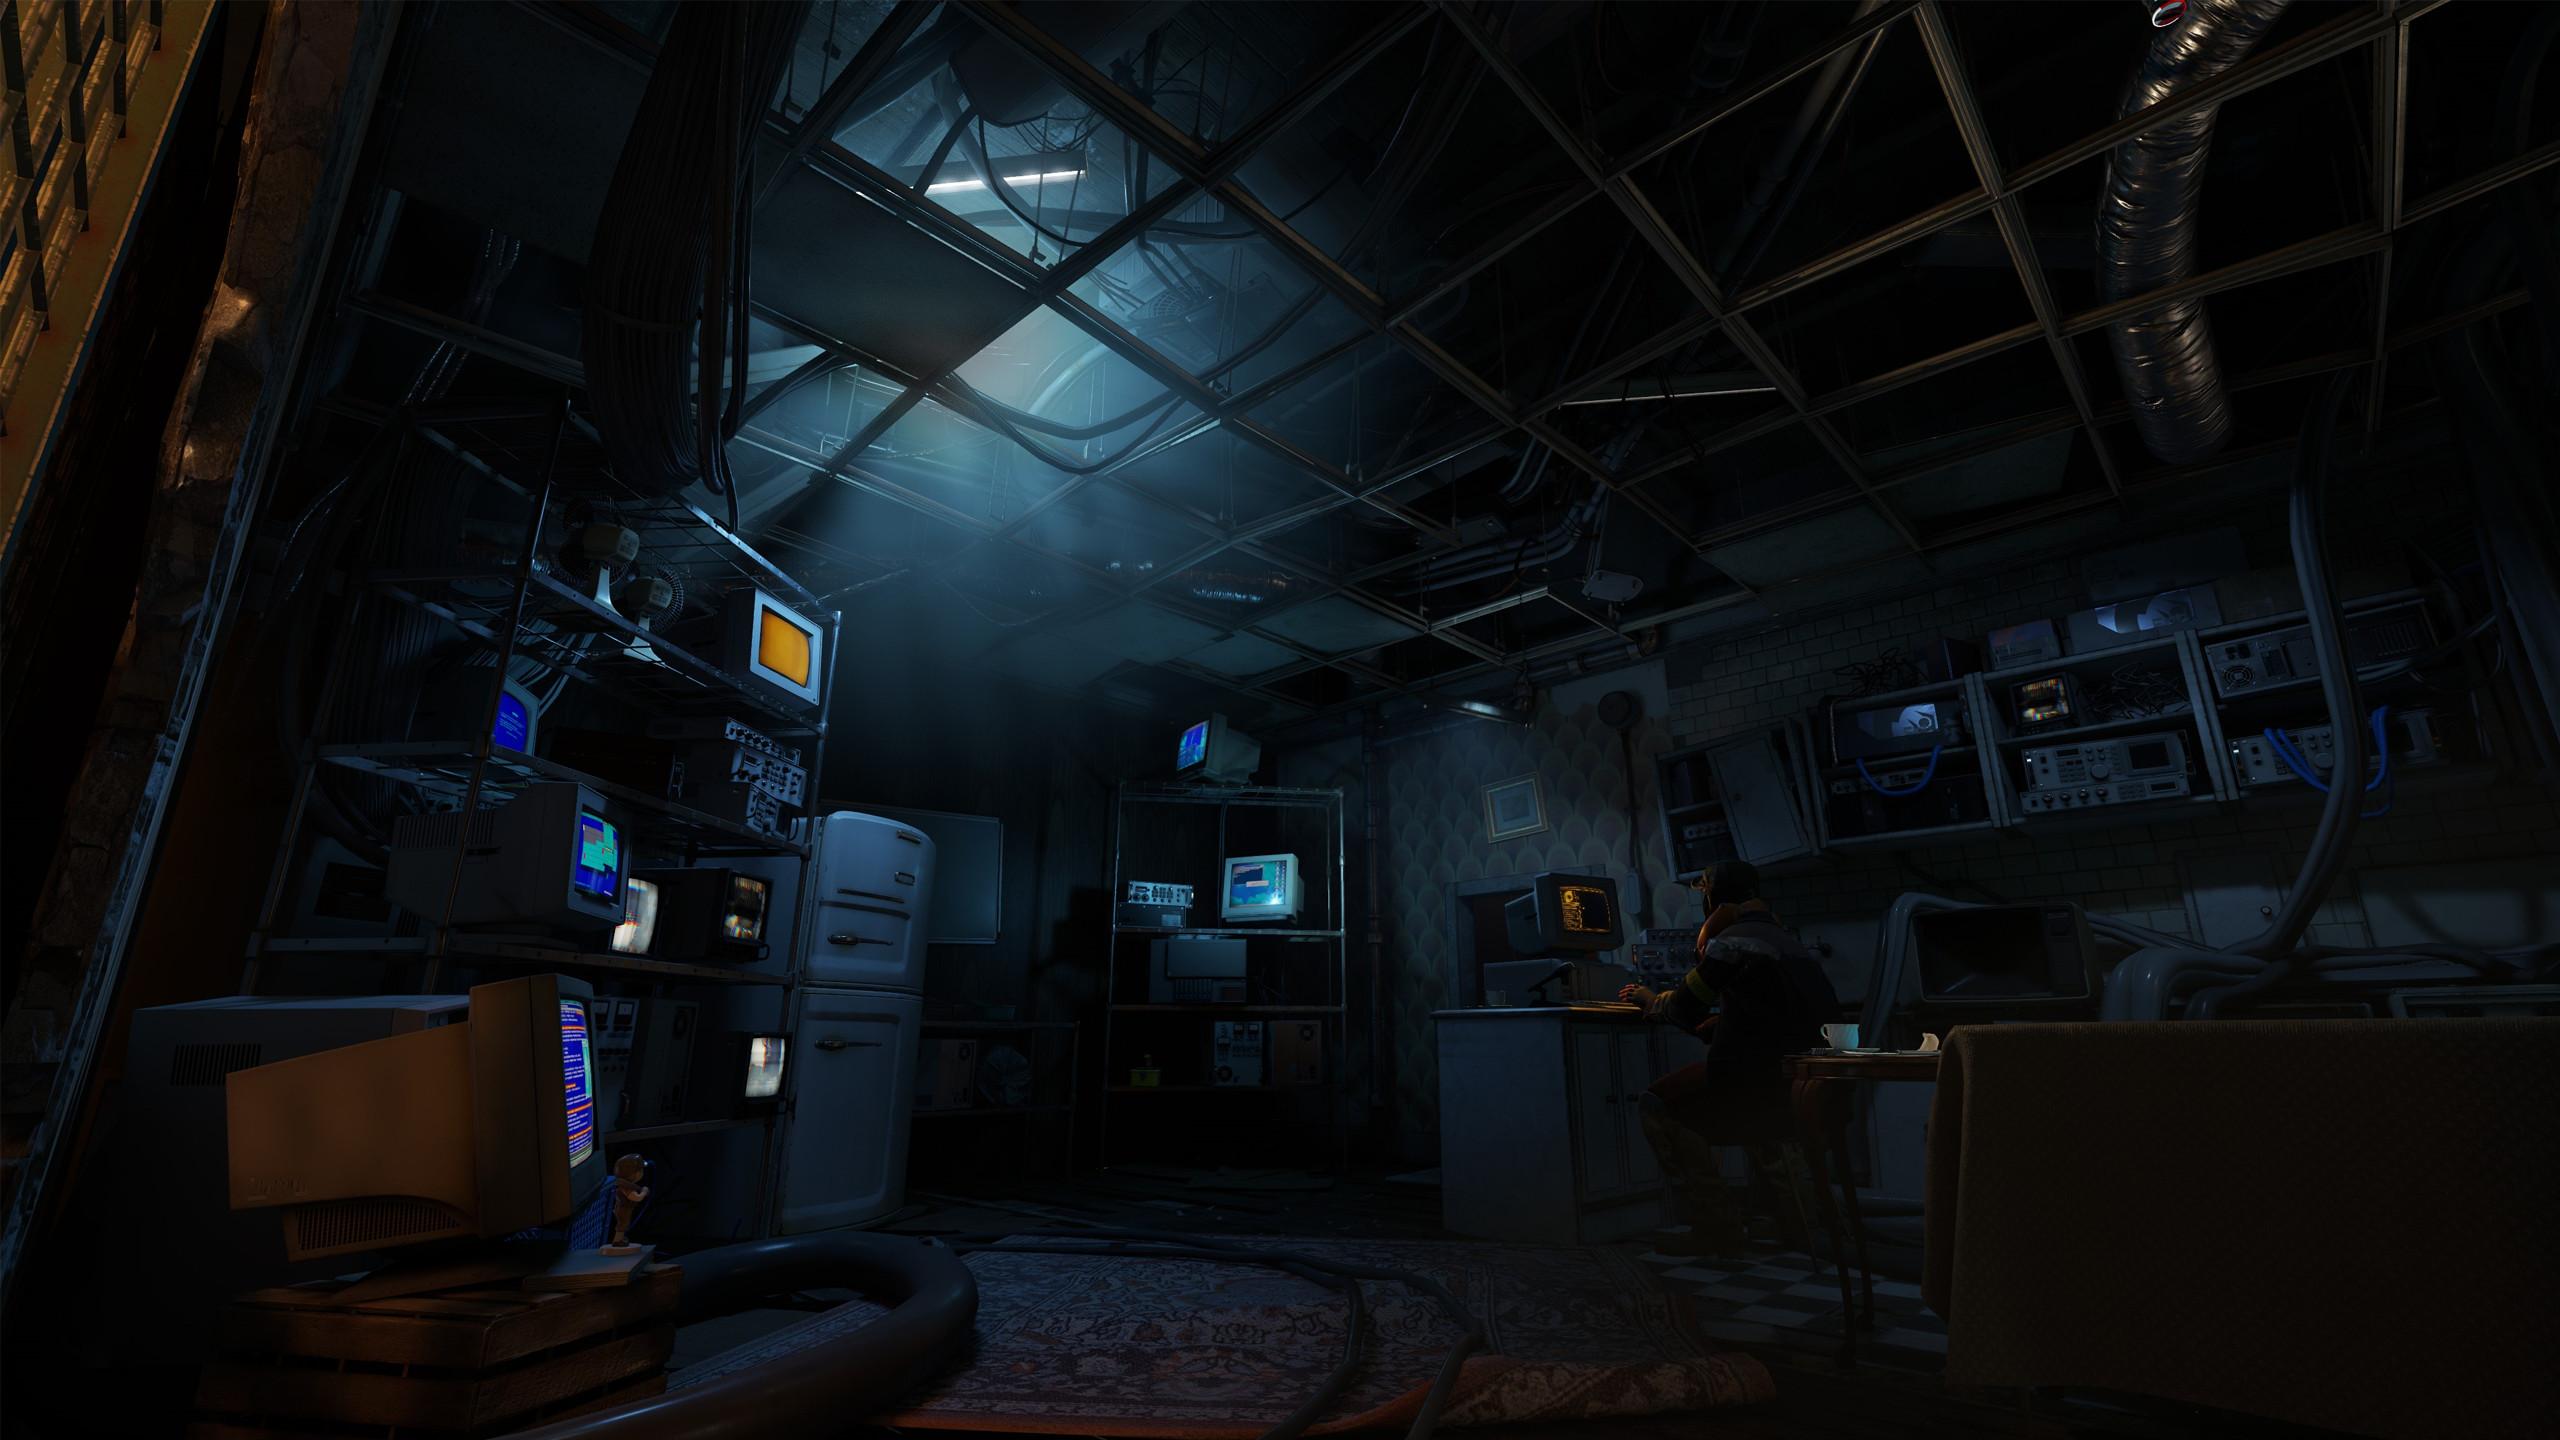 Первый тизер Half-Life: Alyx —VR-приквела Half-Life 2 2